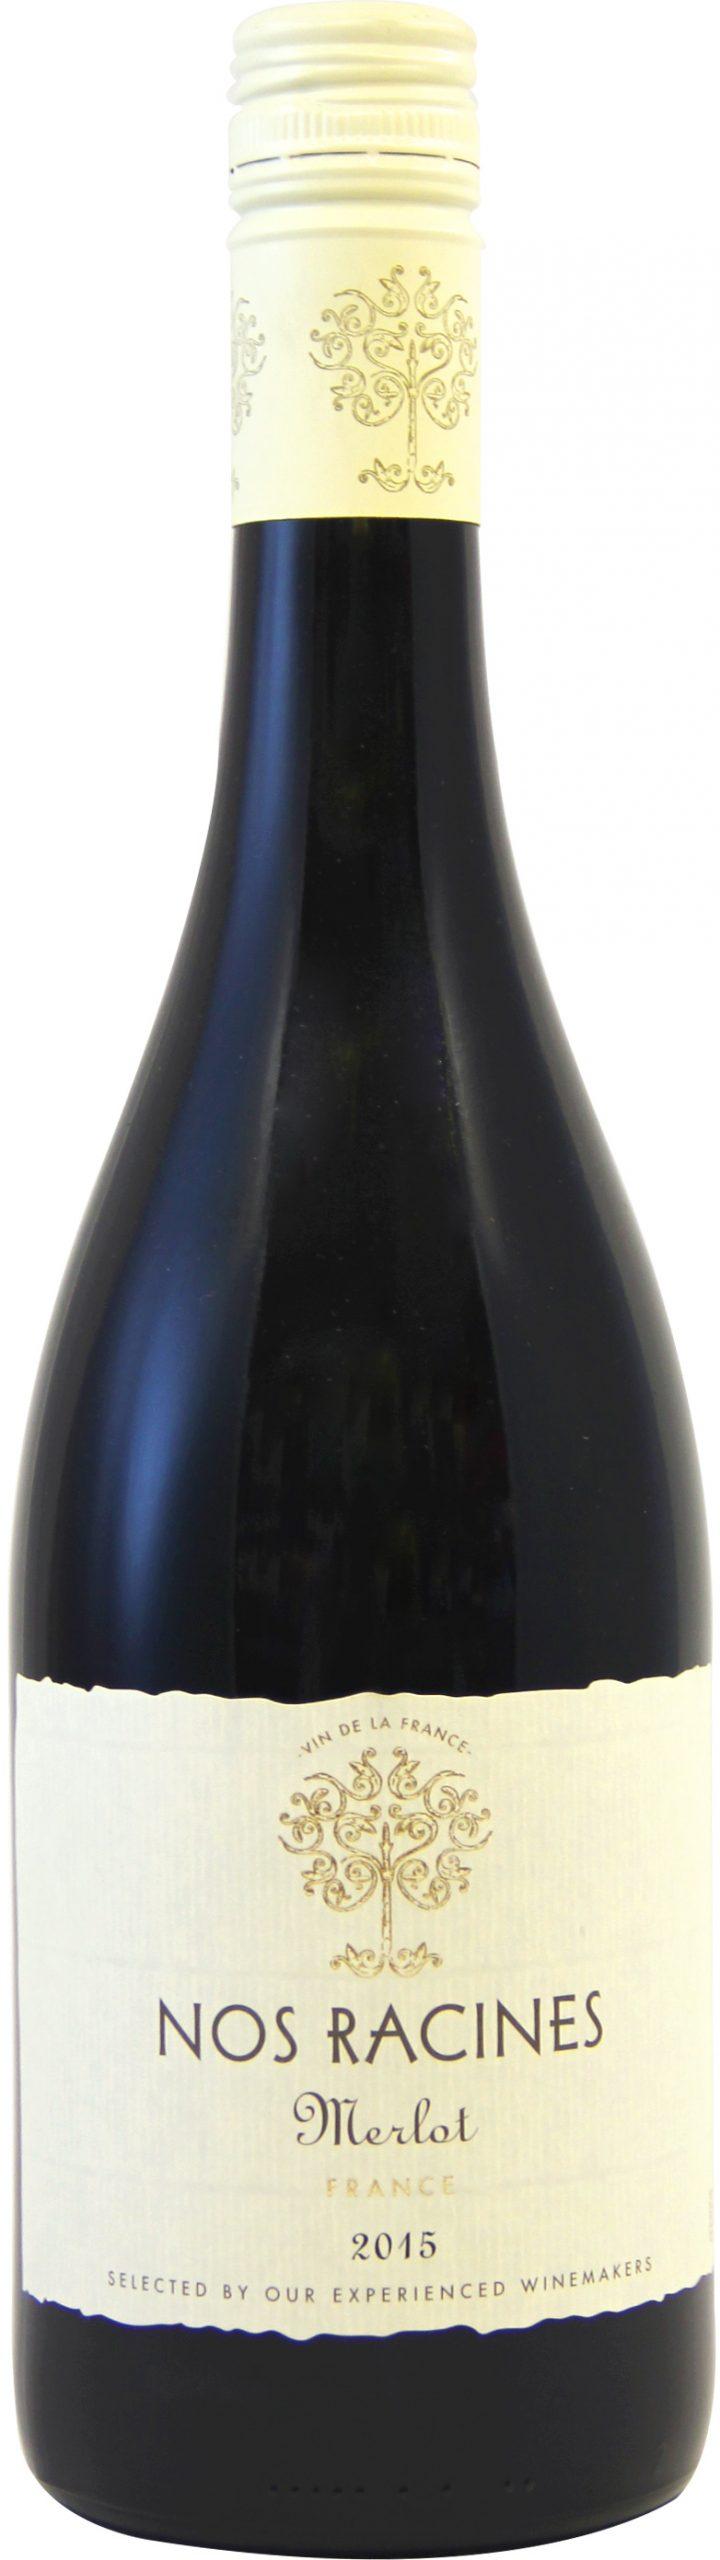 诺斯梅洛干红葡萄酒